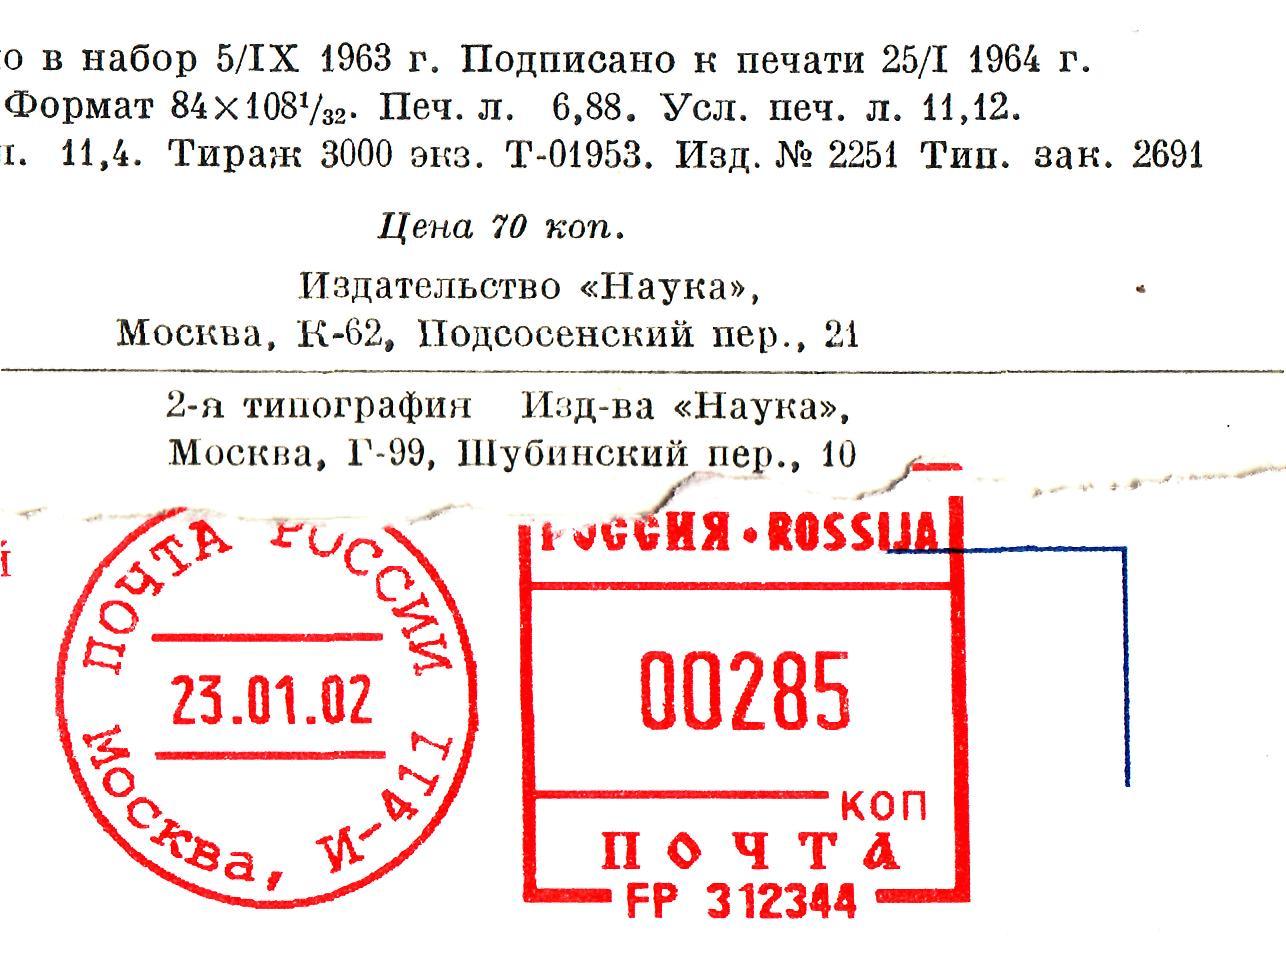 Почтовые индексы Москвы - Электронная Москва